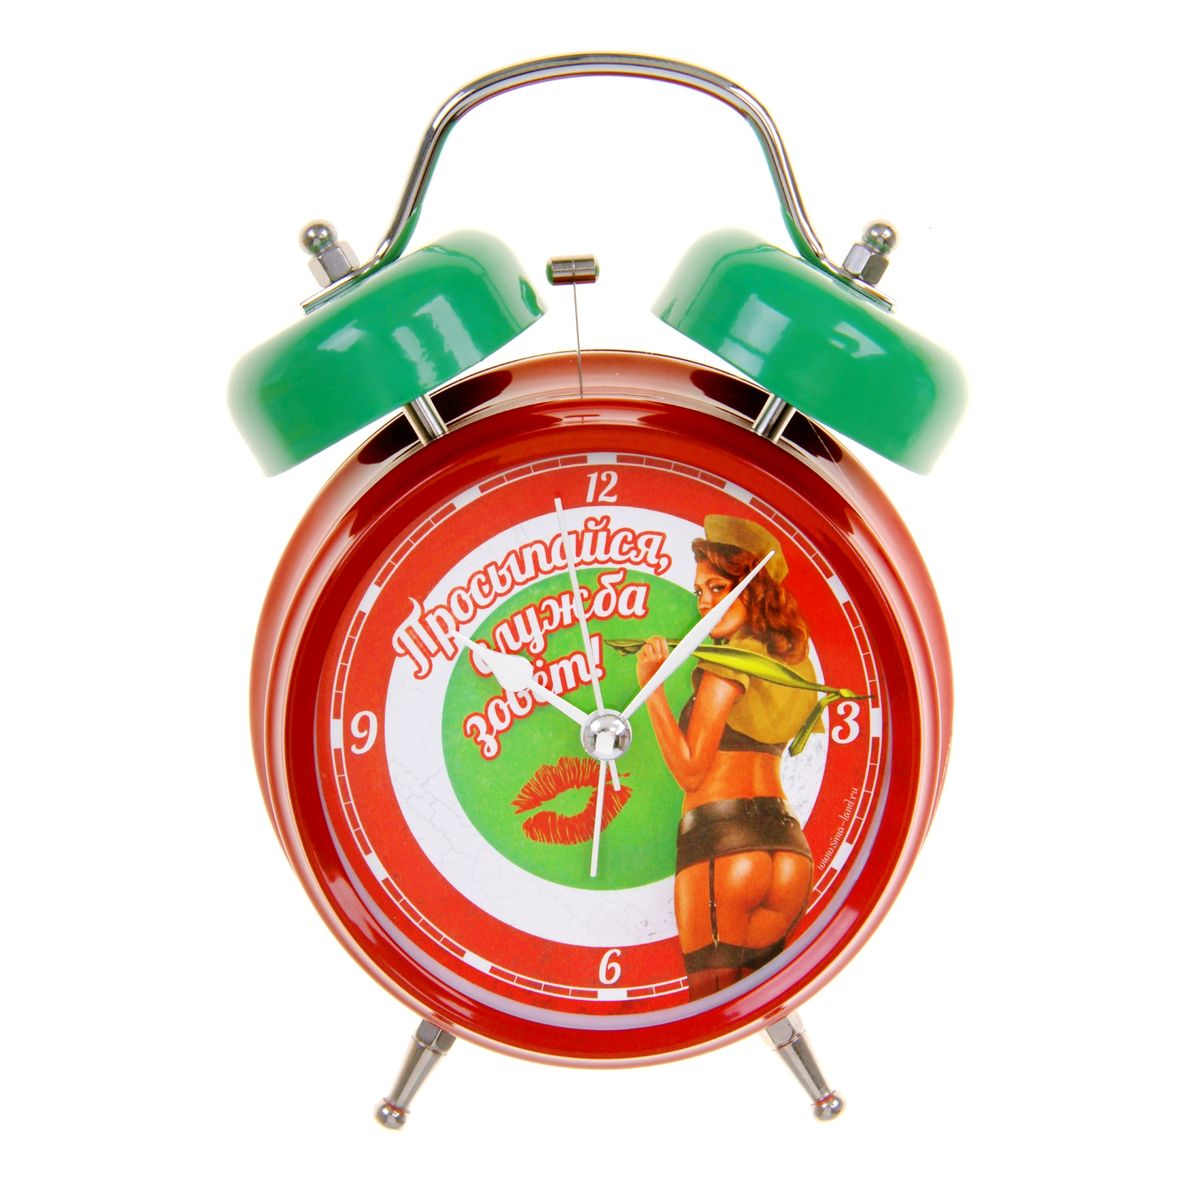 Часы-будильник Sima-land Служба зовет839680Как же сложно иногда вставать вовремя! Всегда так хочется поспать еще хотя бы 5 минут и бывает, что мы просыпаем. Теперь этого не случится! Яркий, оригинальный будильник Sima-land Служба зовет поможет вам всегда вставать в нужное время и успевать везде и всюду.Корпус будильника выполнен из металла. Циферблат оформлен изображением девушки и надписью: Просыпайся, служба зовет!, имеет индикацию арабскими цифрами с отметками. Часы снабжены 4 стрелками (секундная, минутная, часовая и для будильника). На задней панели будильника расположен переключатель включения/выключения механизма, а также два колесика для настройки текущего времени и времени звонка будильника.Пользоваться будильником очень легко: нужно всего лишь поставить батарейки, настроить точное время и установить время звонка. Необходимо докупить 2 батарейки типа АА напряжением 1,5 V (не входят в комплект).